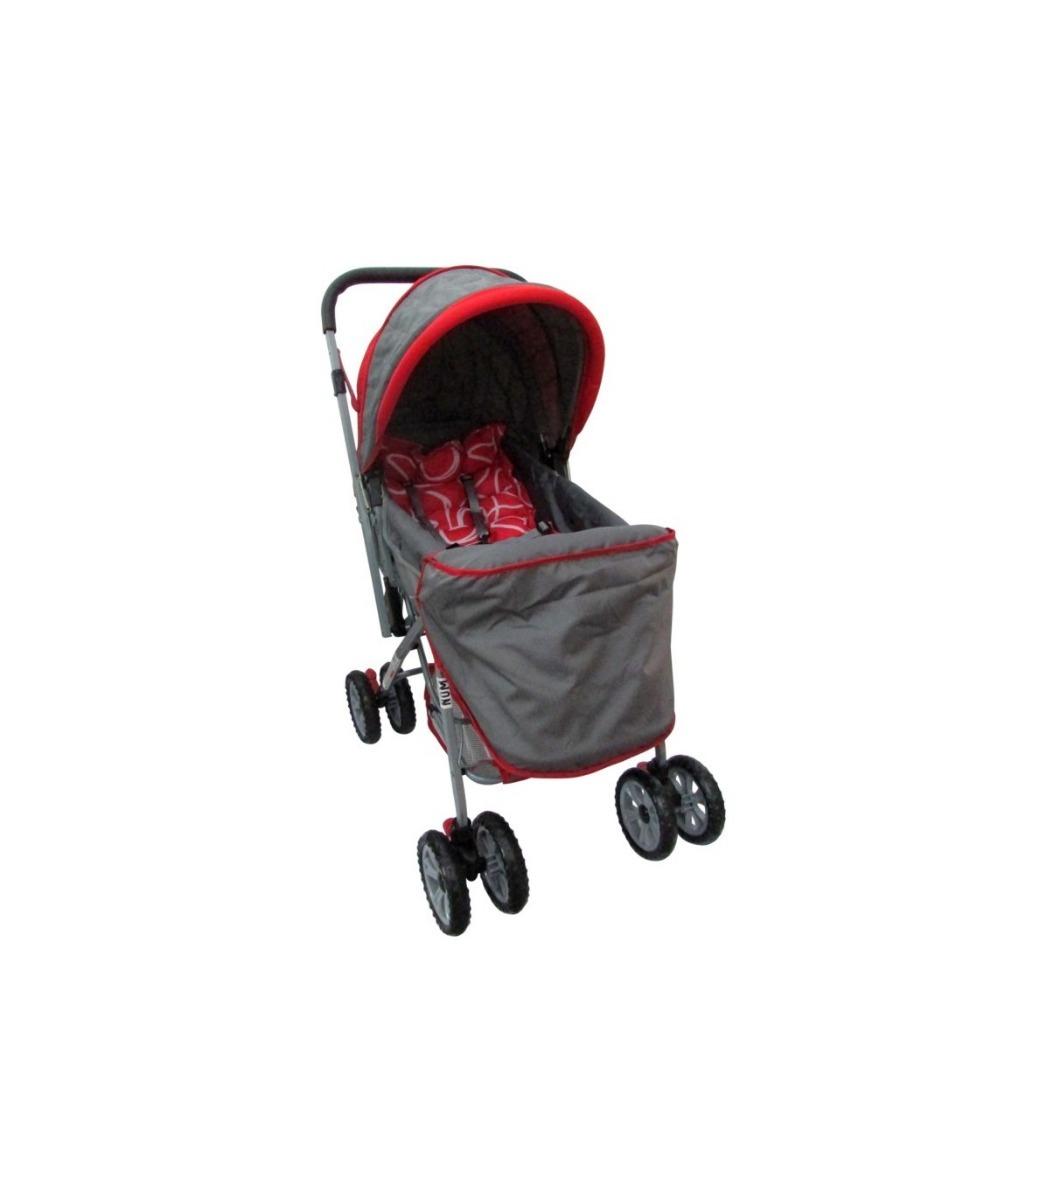 7936be1ca carriola para bebé reversible trendy kids sonic roja nueva. Cargando zoom.